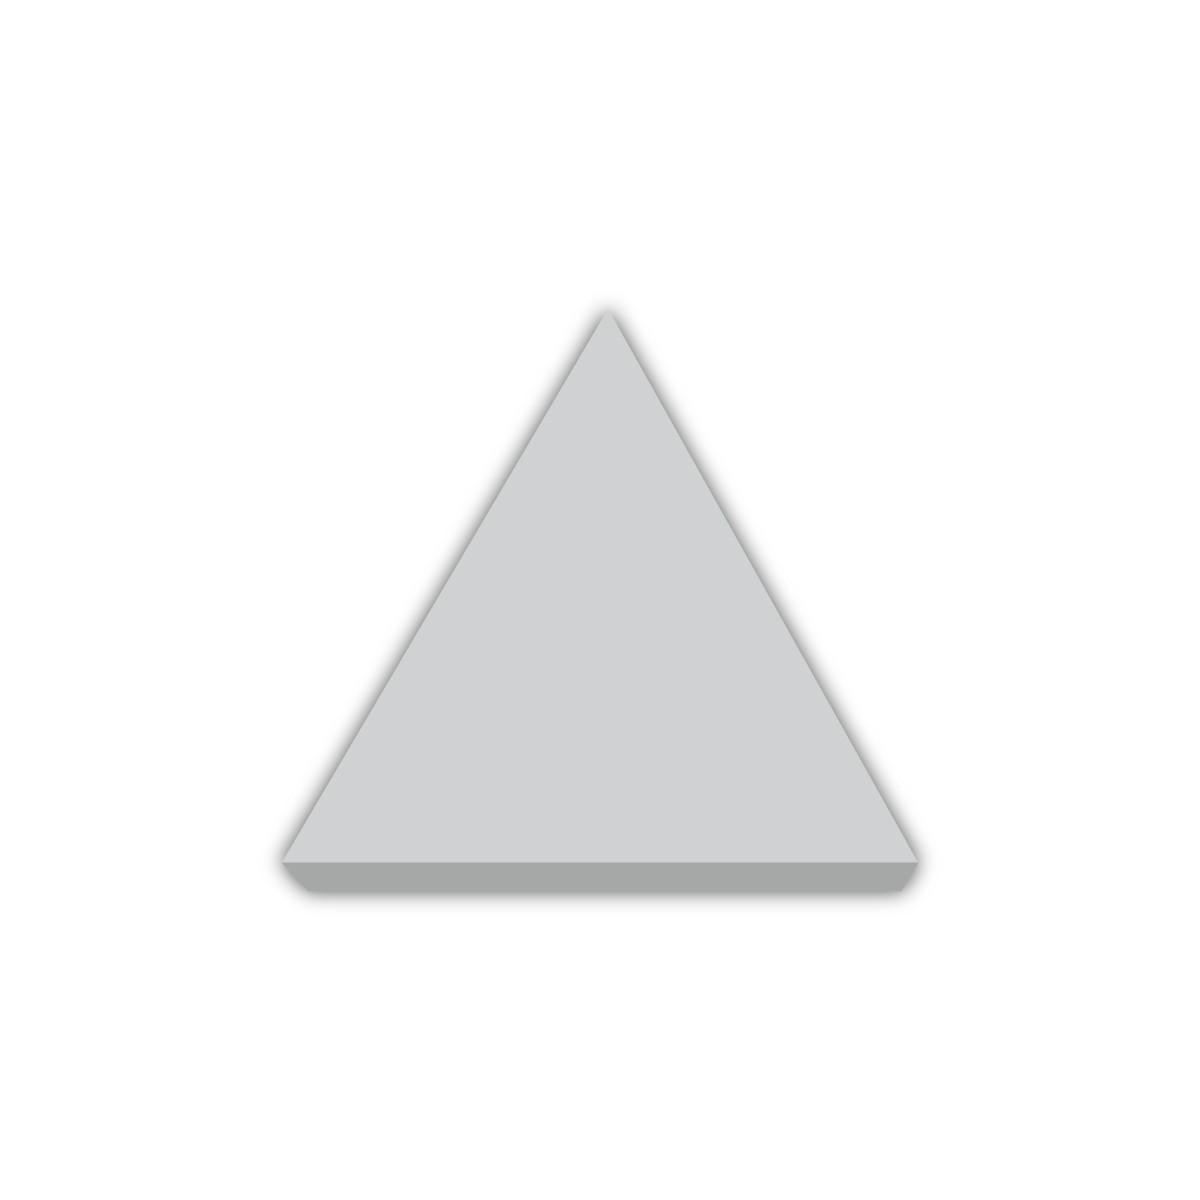 Дрібна ліпнина з гіпсу, гіпсова дрібниця м-35 h40мм